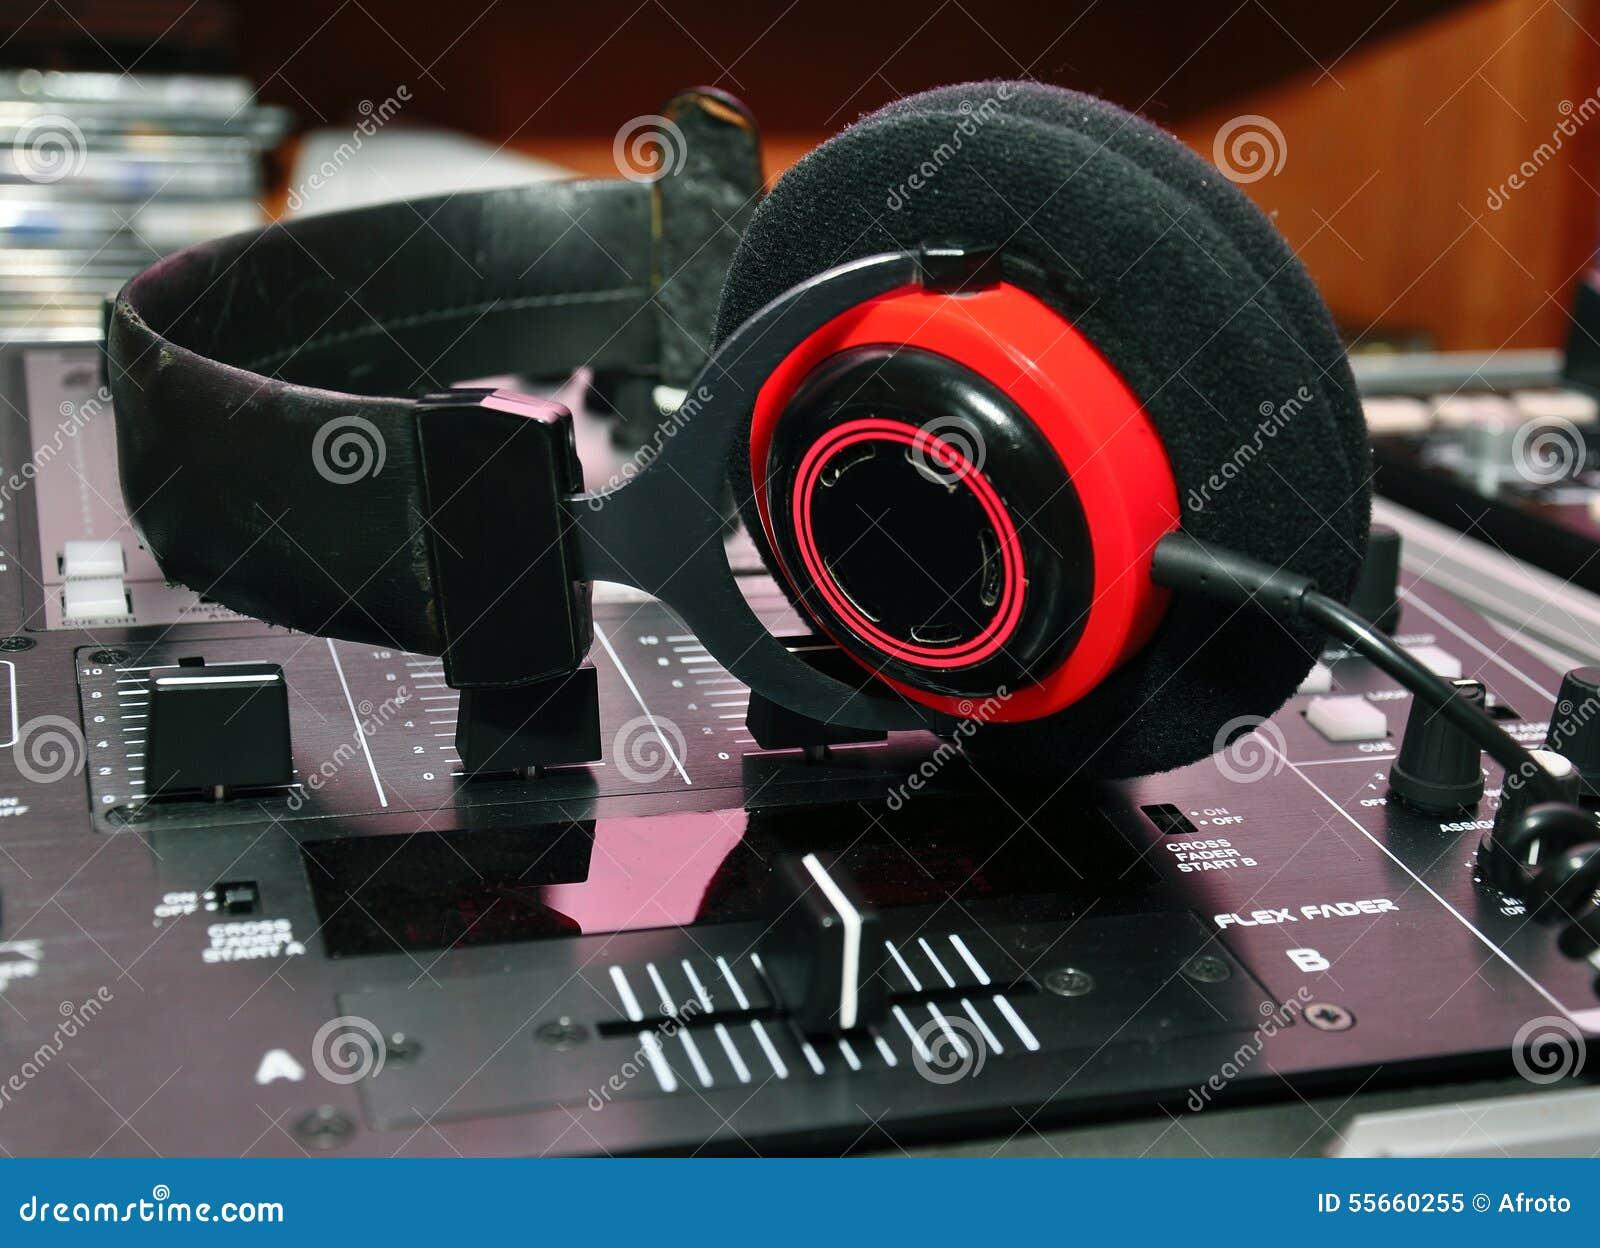 Dj-hörlurar och blandare